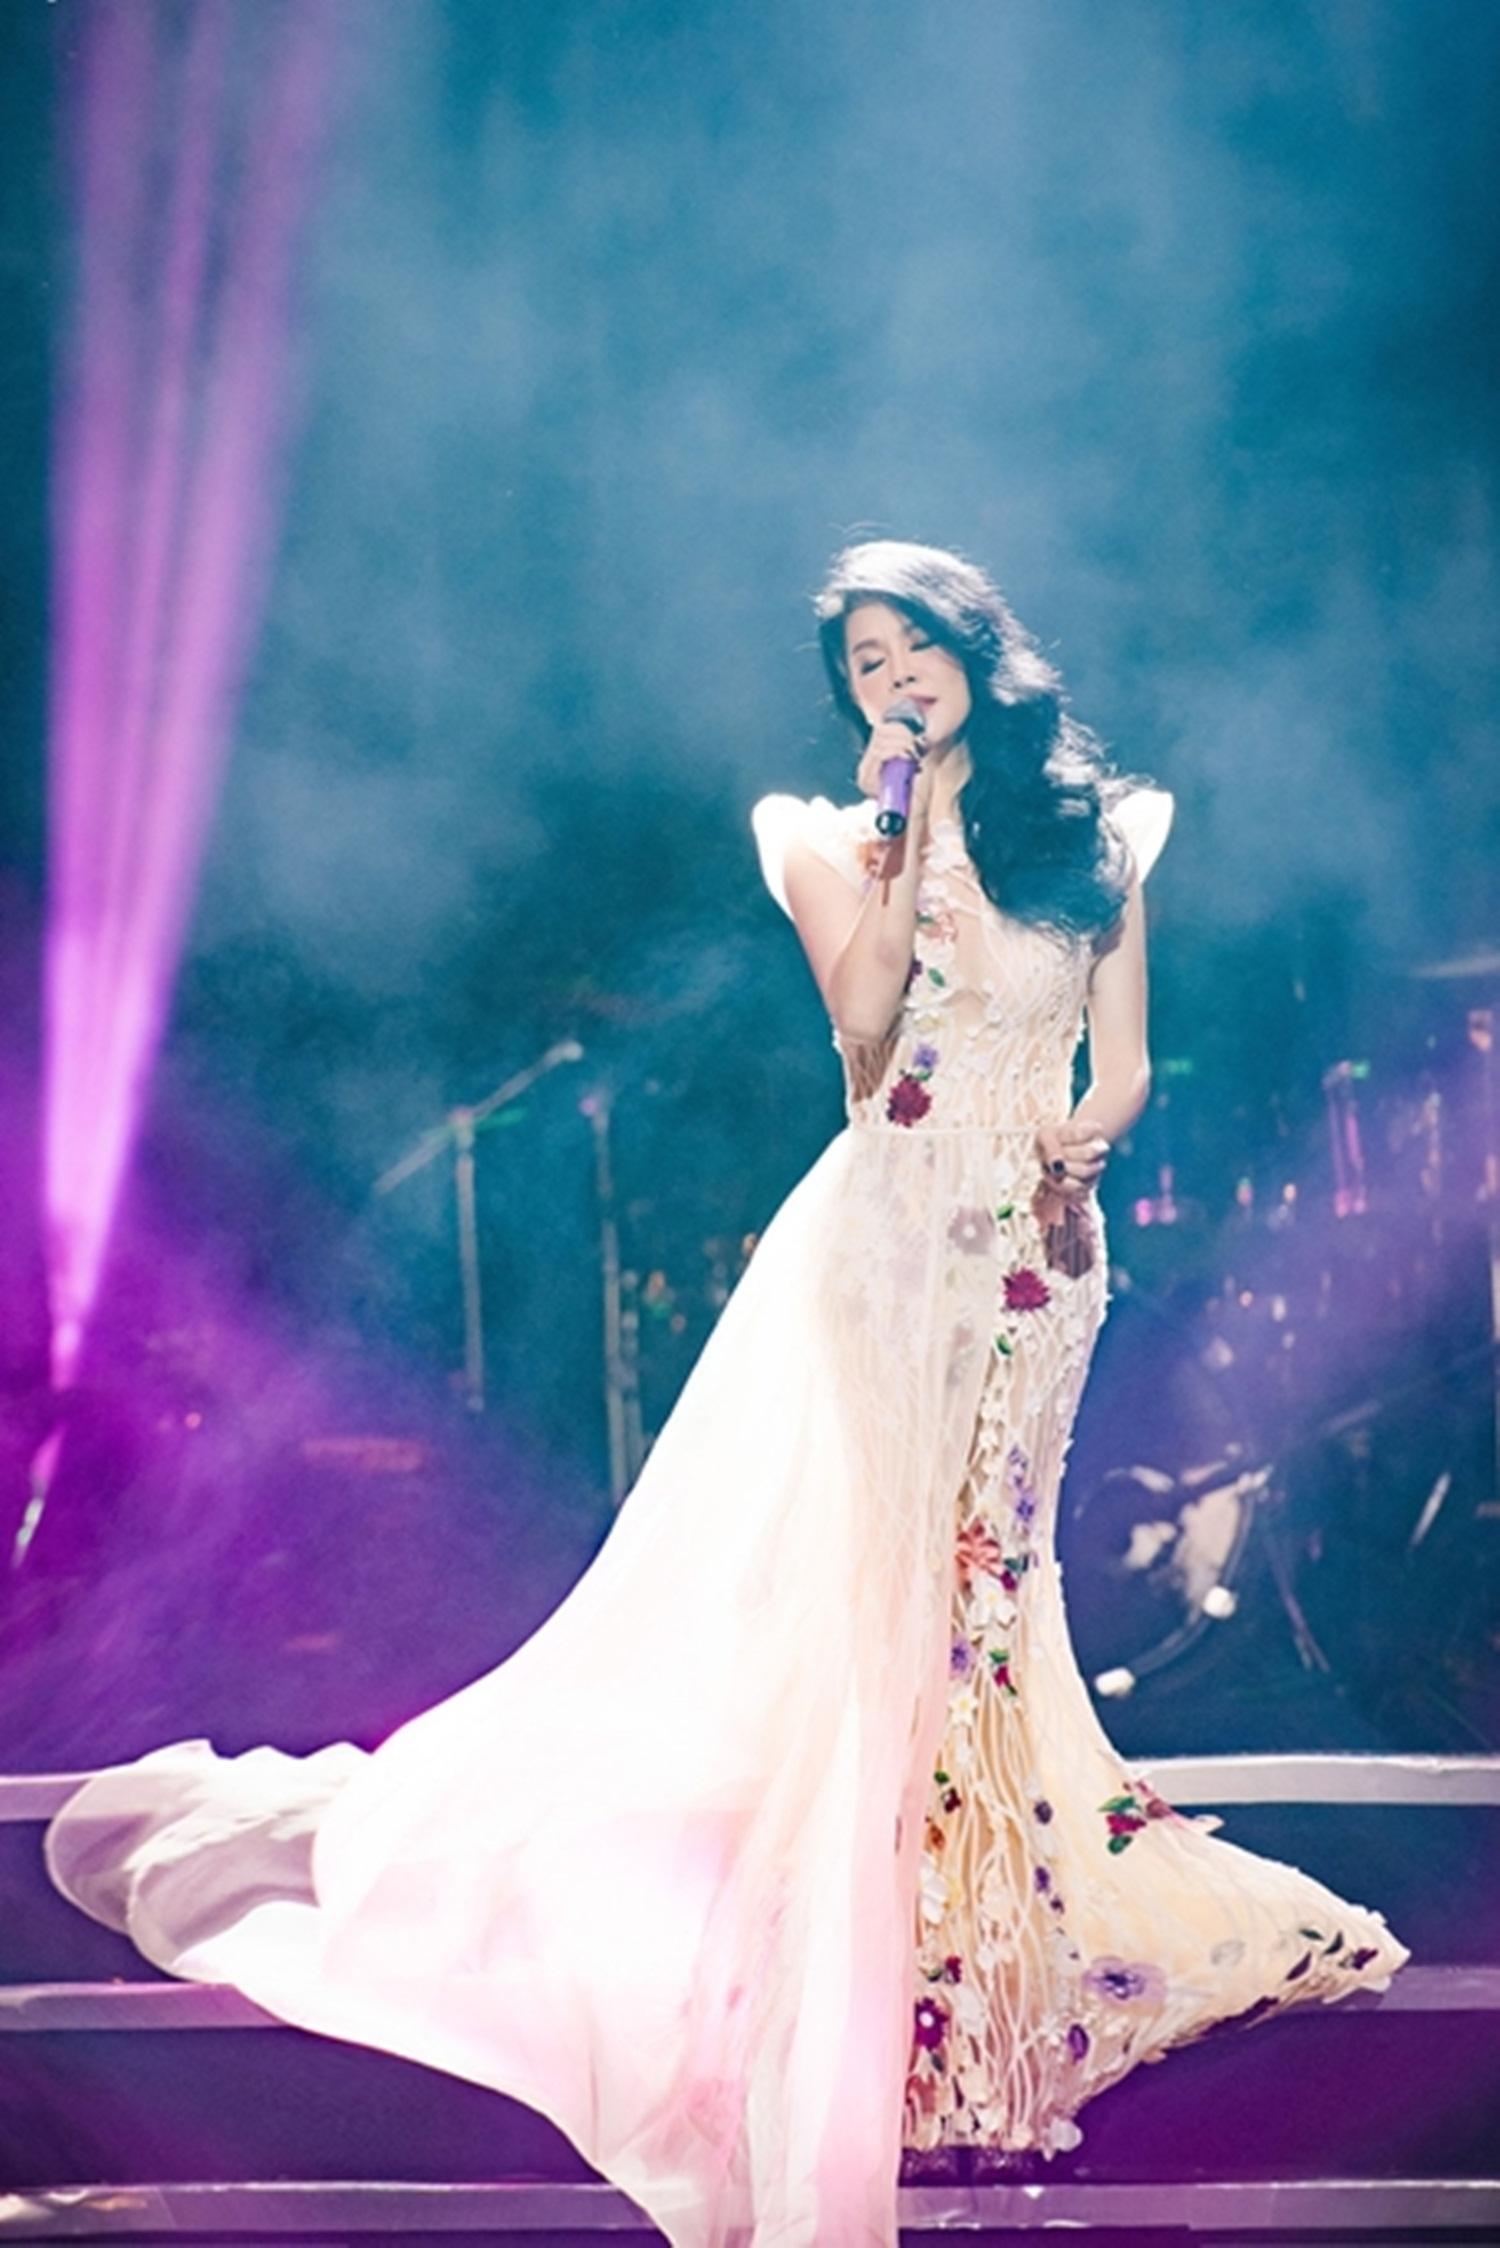 Có thể nói chính gu thời trang cũng góp phần làm tôn giọng hát của Thu Phương, đưa cô hoàn thiện một hành trình trở về nơi đã khởi sinh, nuôi nấng tâm hồn và giọng hát Thu Phương.